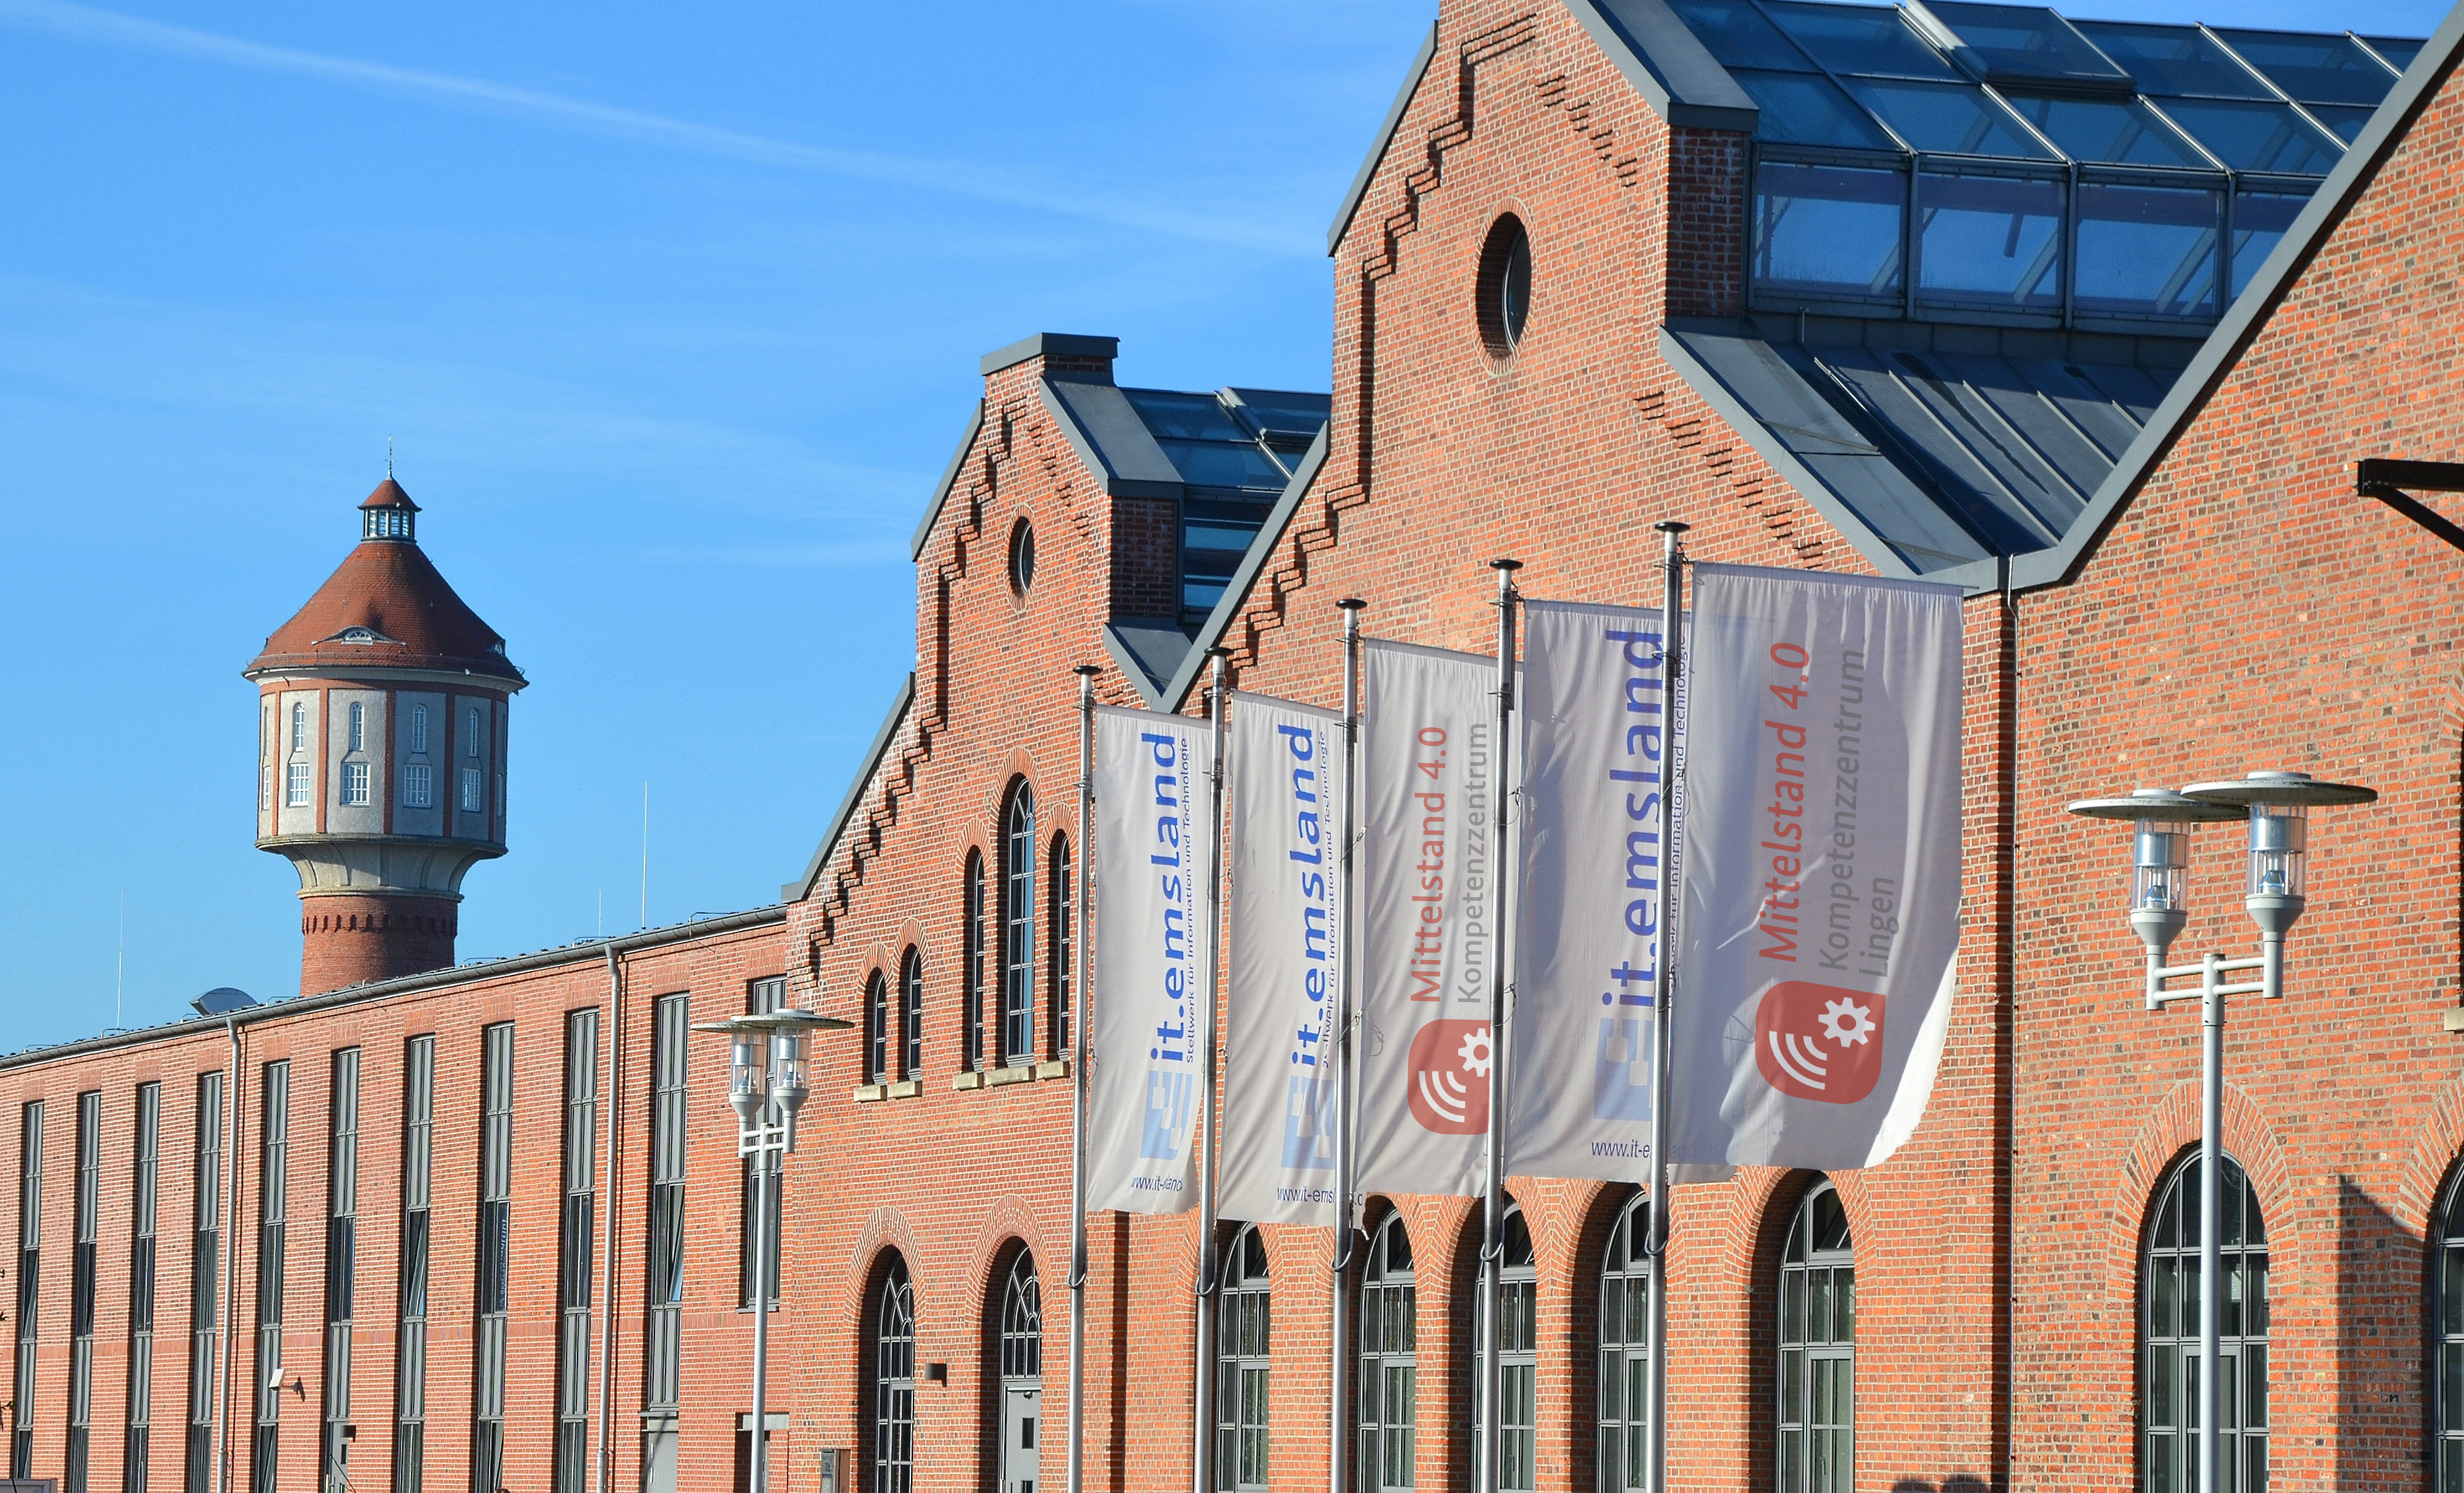 Die Totale des IT-Zentrums Lingen. Im Hintergrund ist der Wasserturm zu sehen.